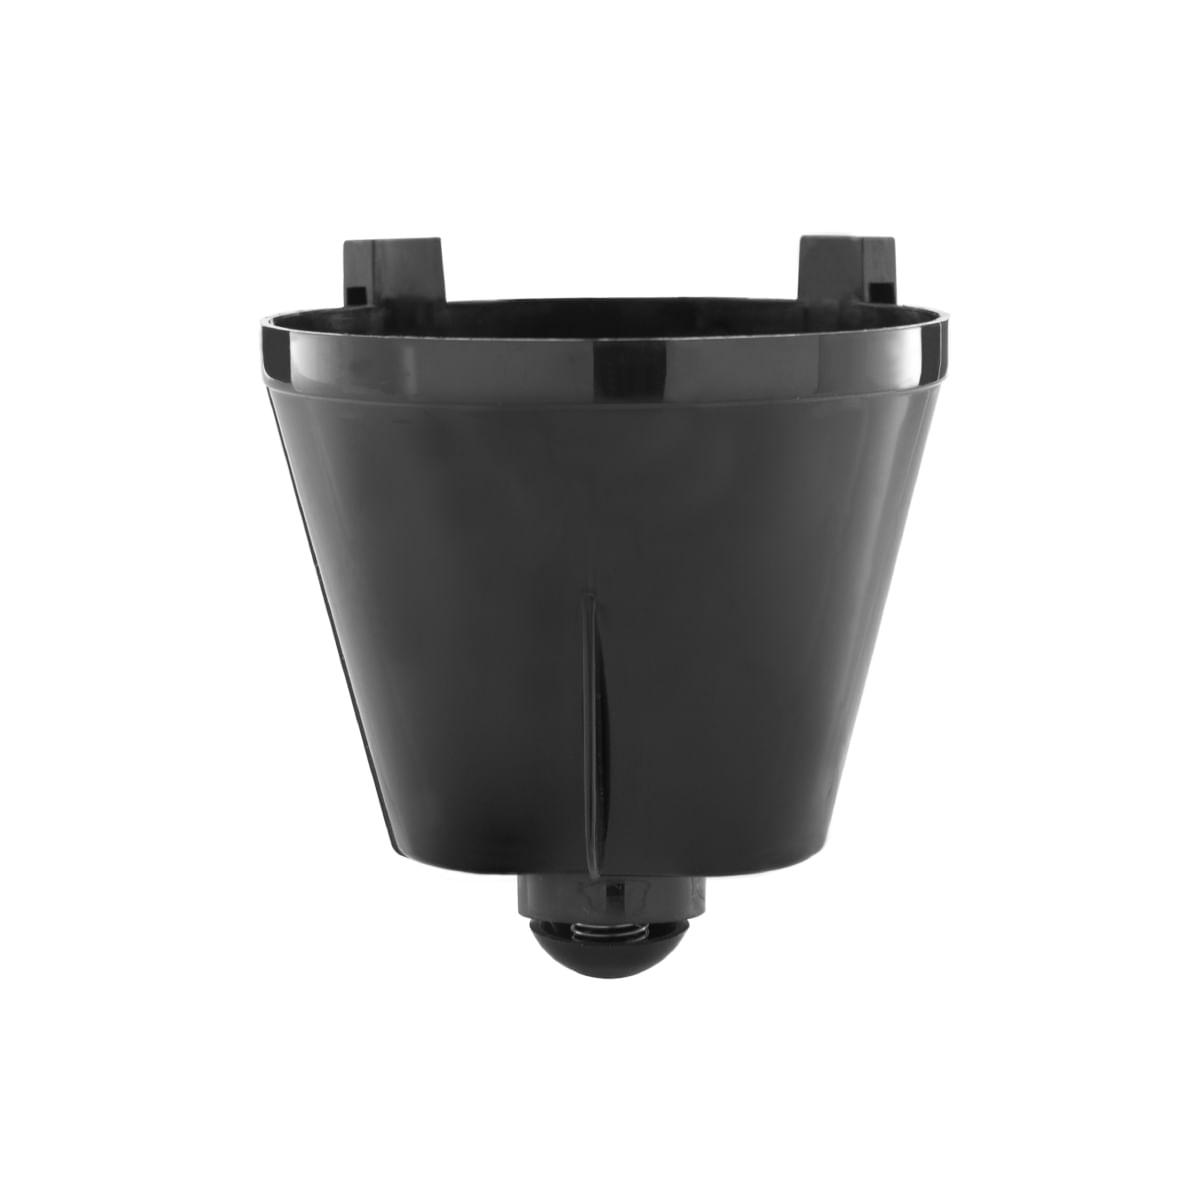 Cafeteira Inox PlusBase com Aquecimento 1,2 Litro - PCF42I -  Philco